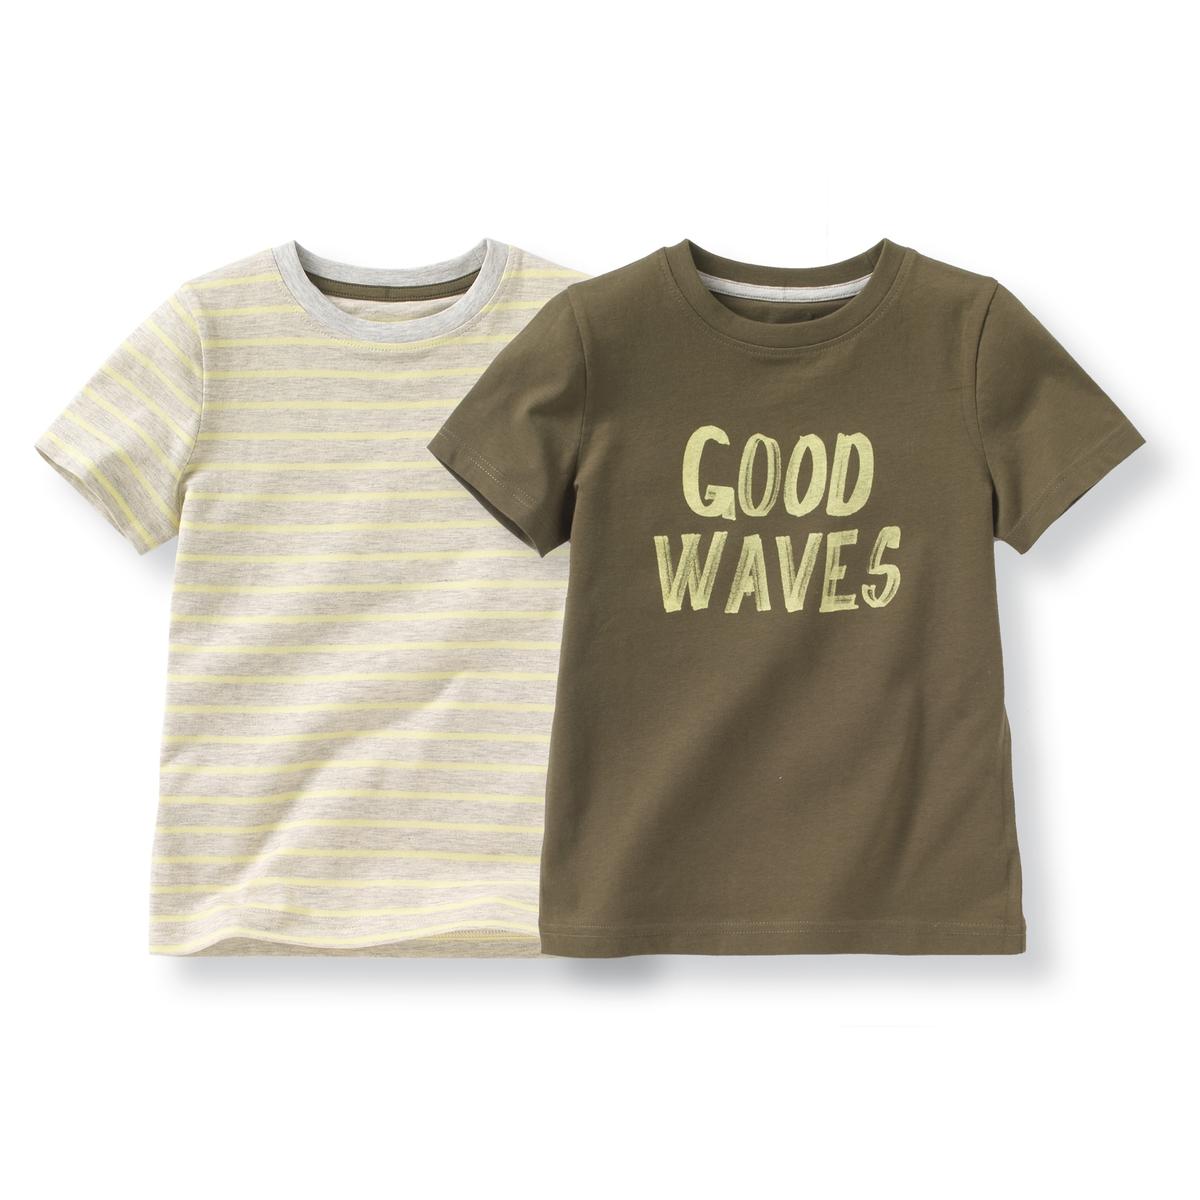 2 футболка с рисунком Good Waves 3-12 лет